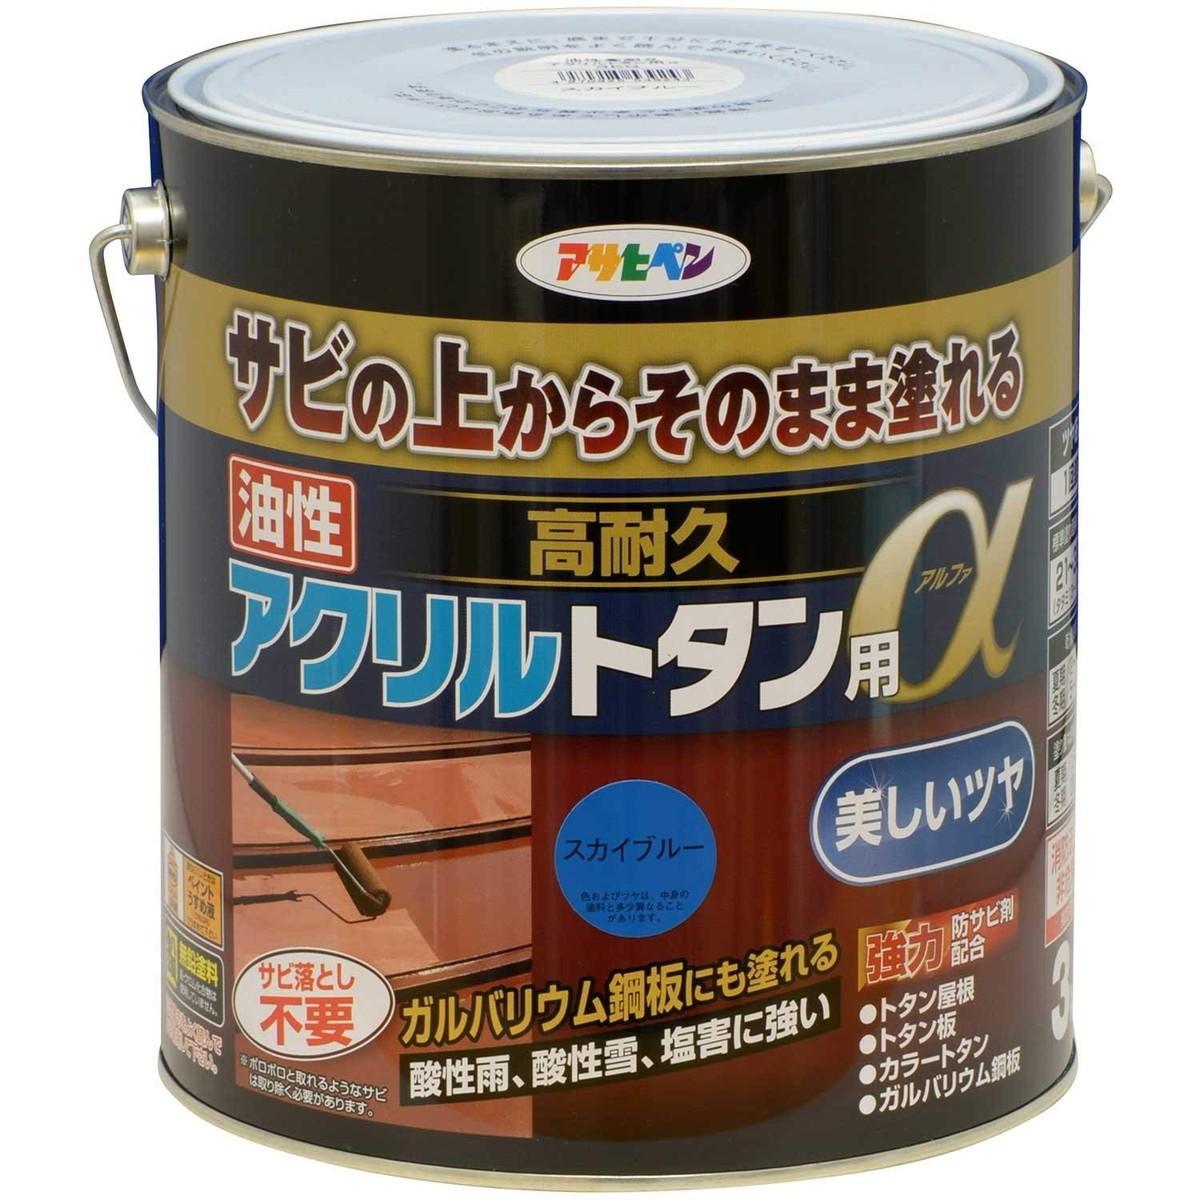 アサヒペン トタン用塗料 3kg スカイブルー【クーポン配布中】